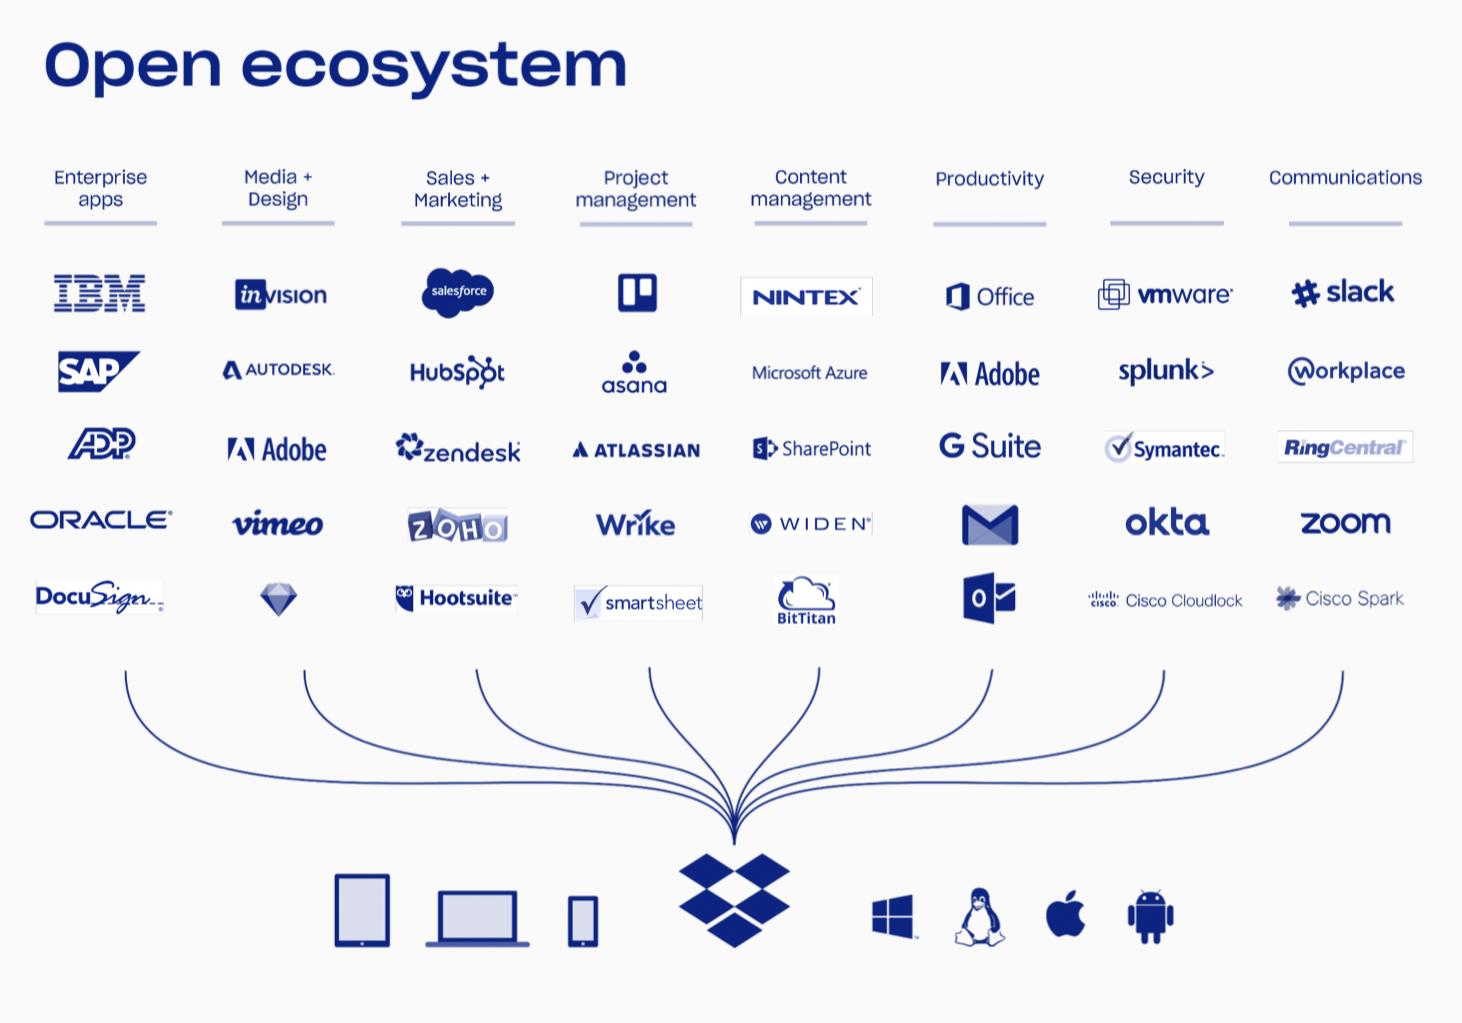 С какими сервисами есть интеграция у Dropbox. Источник: презентация Dropbox, стр. 9